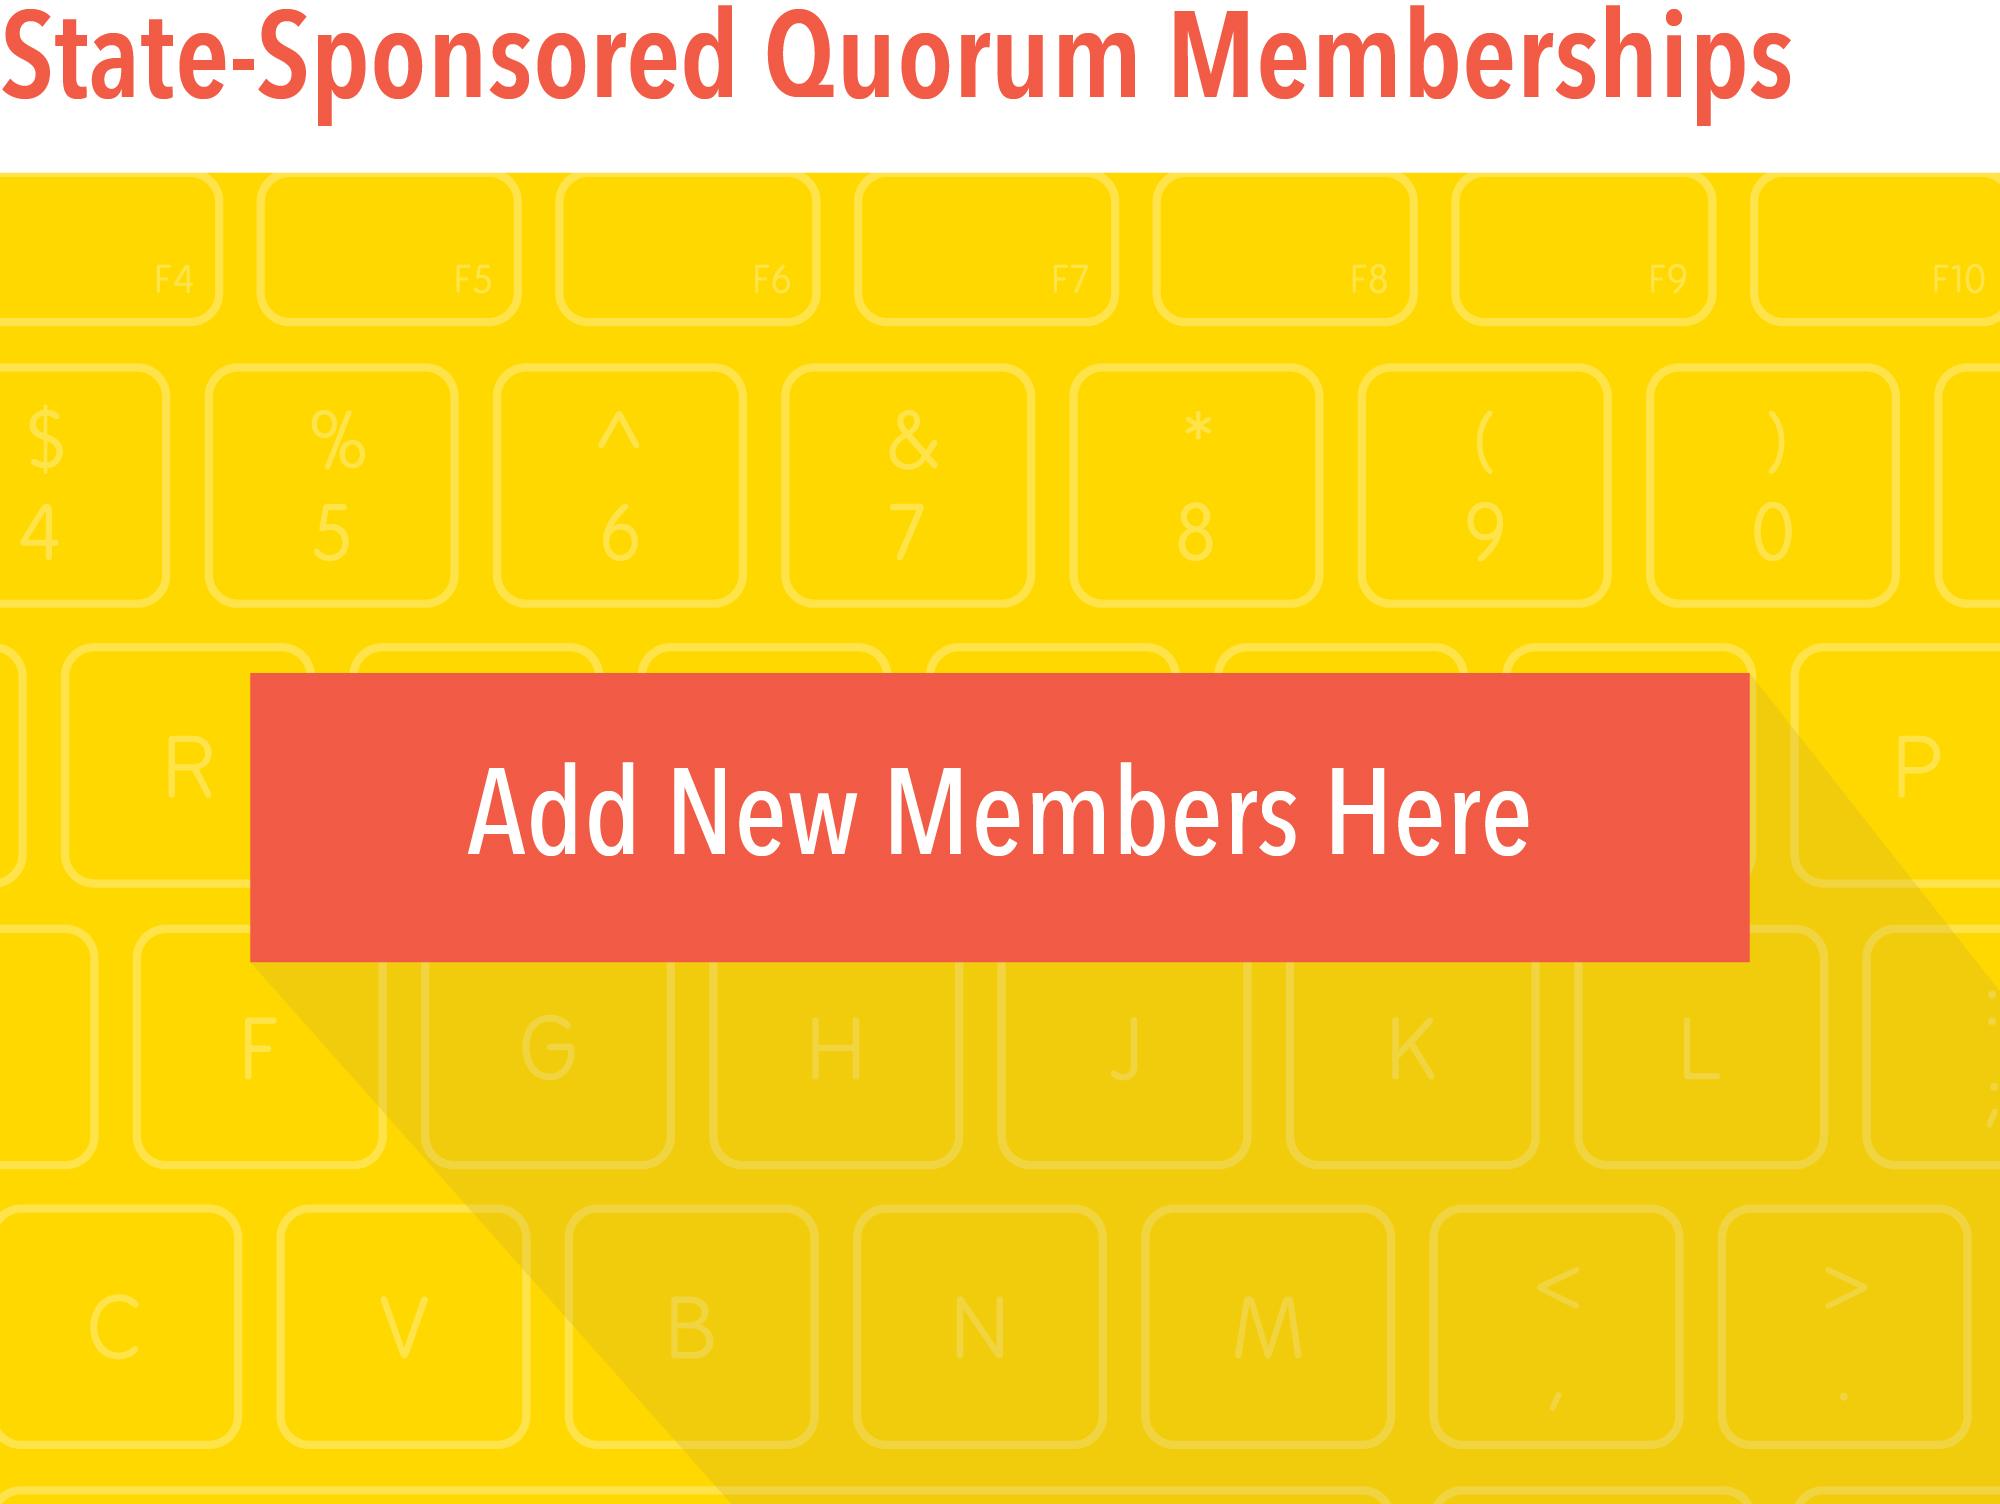 Add New Members Here